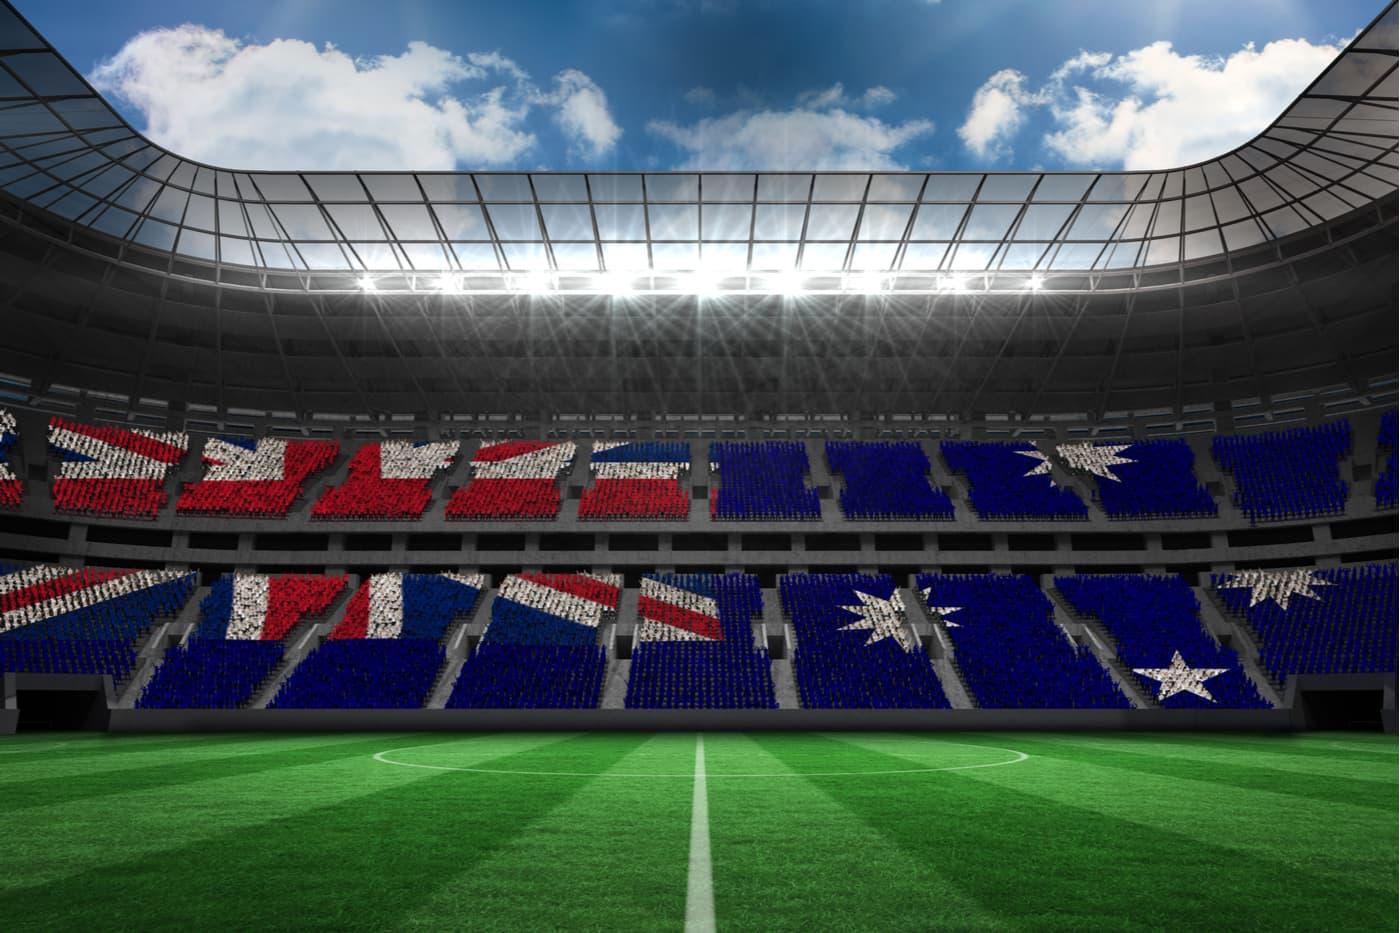 Australian sport stadium